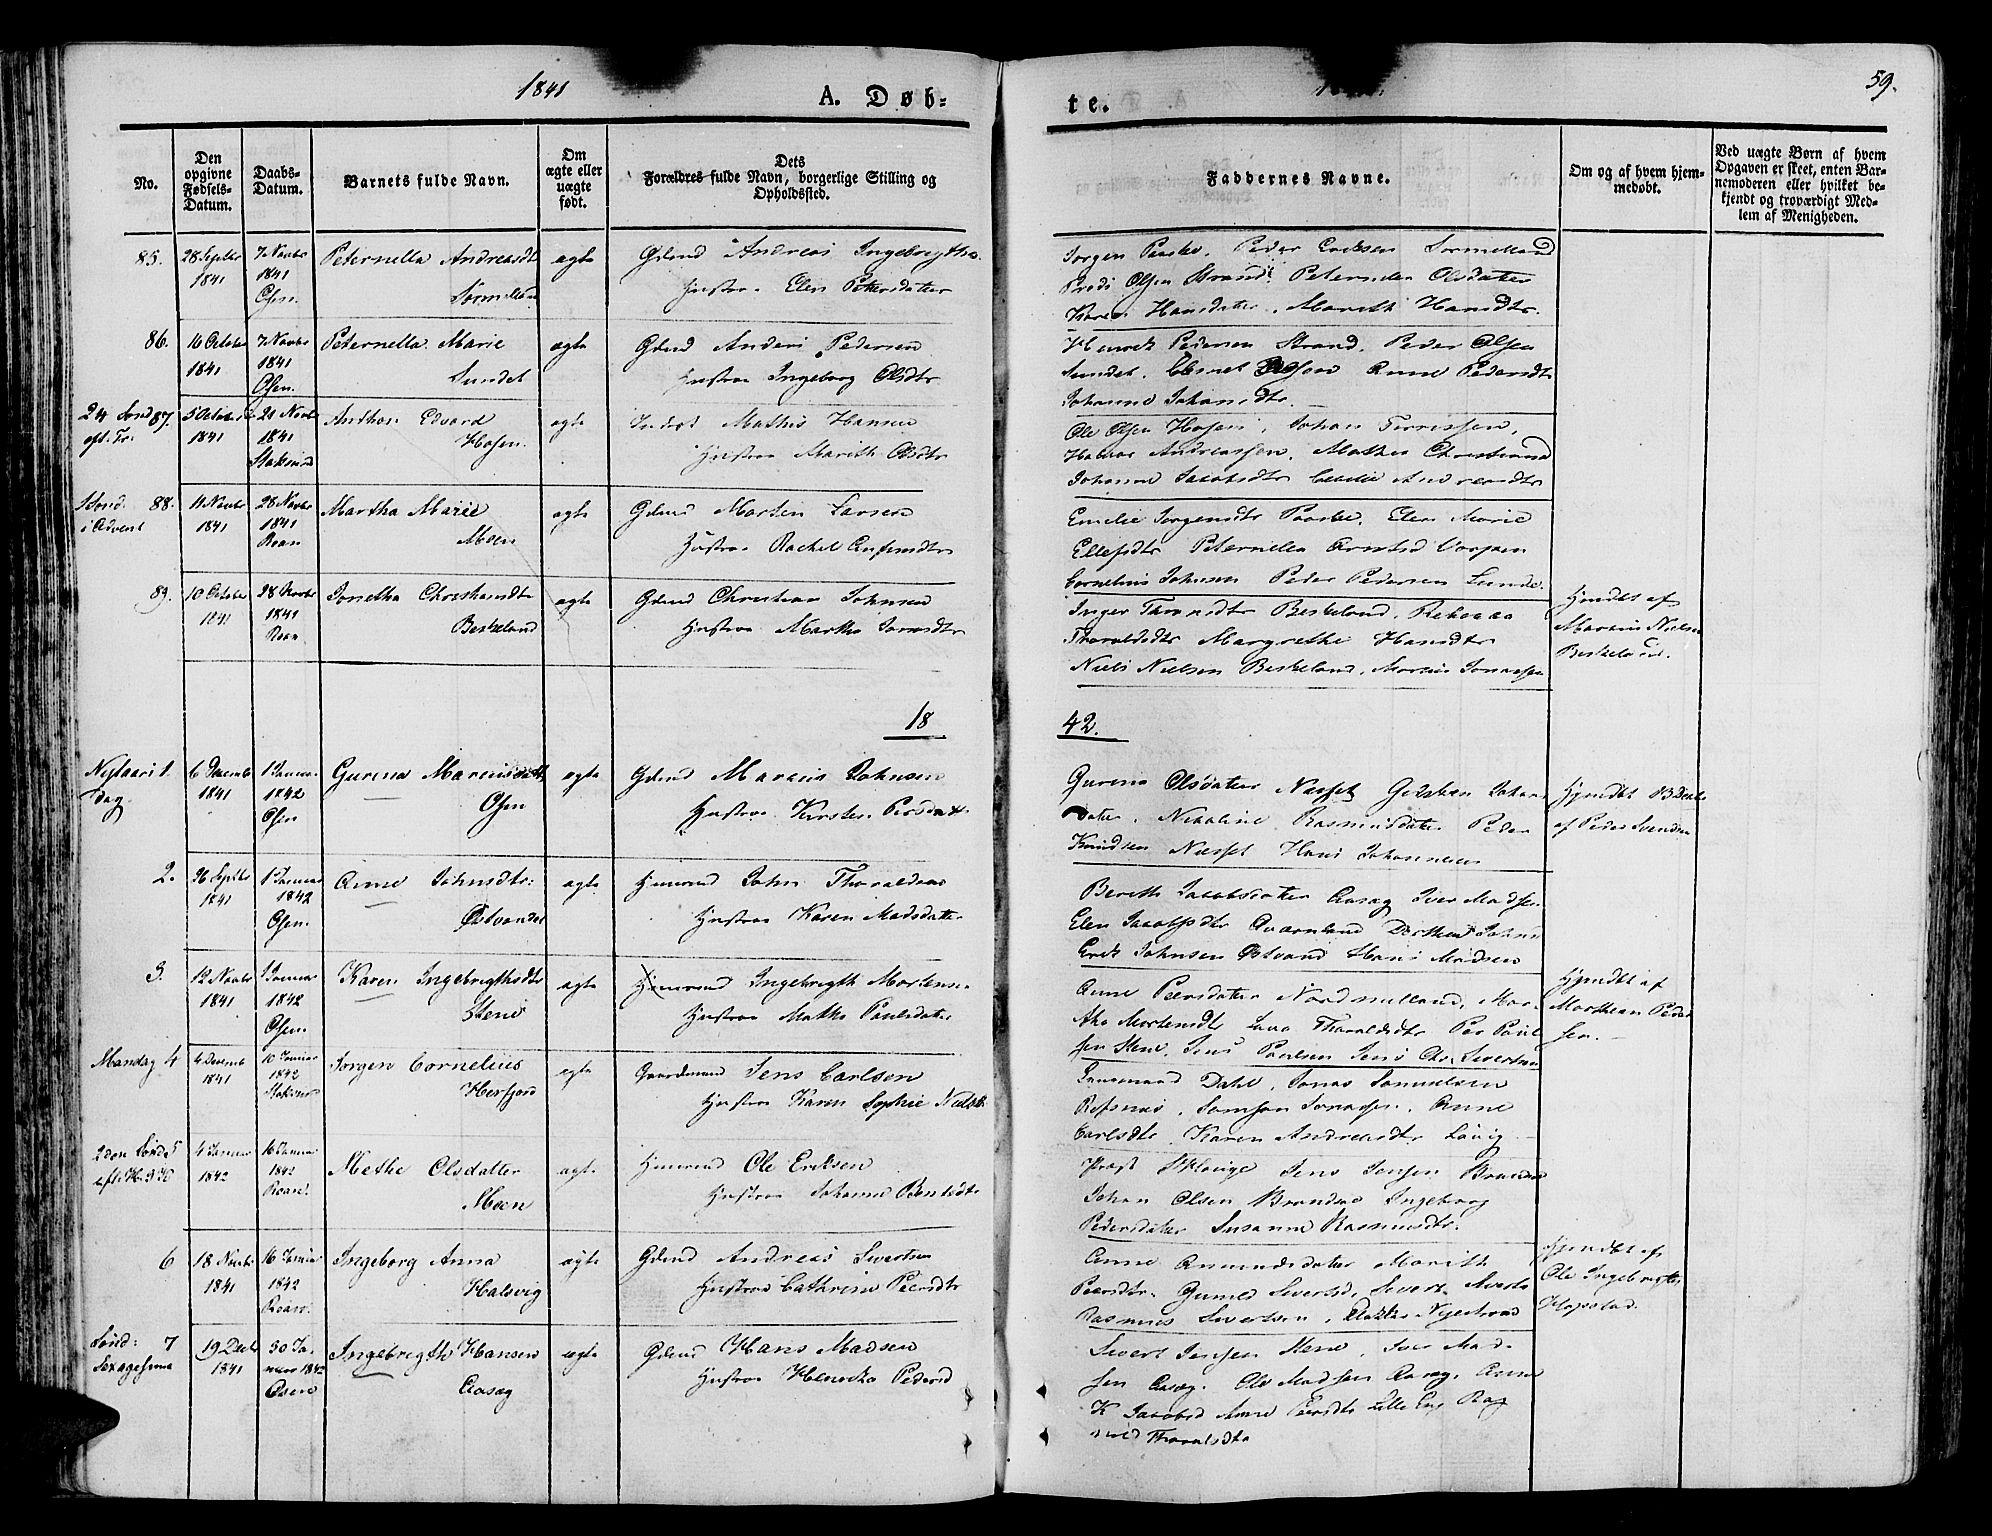 SAT, Ministerialprotokoller, klokkerbøker og fødselsregistre - Sør-Trøndelag, 657/L0703: Ministerialbok nr. 657A04, 1831-1846, s. 59